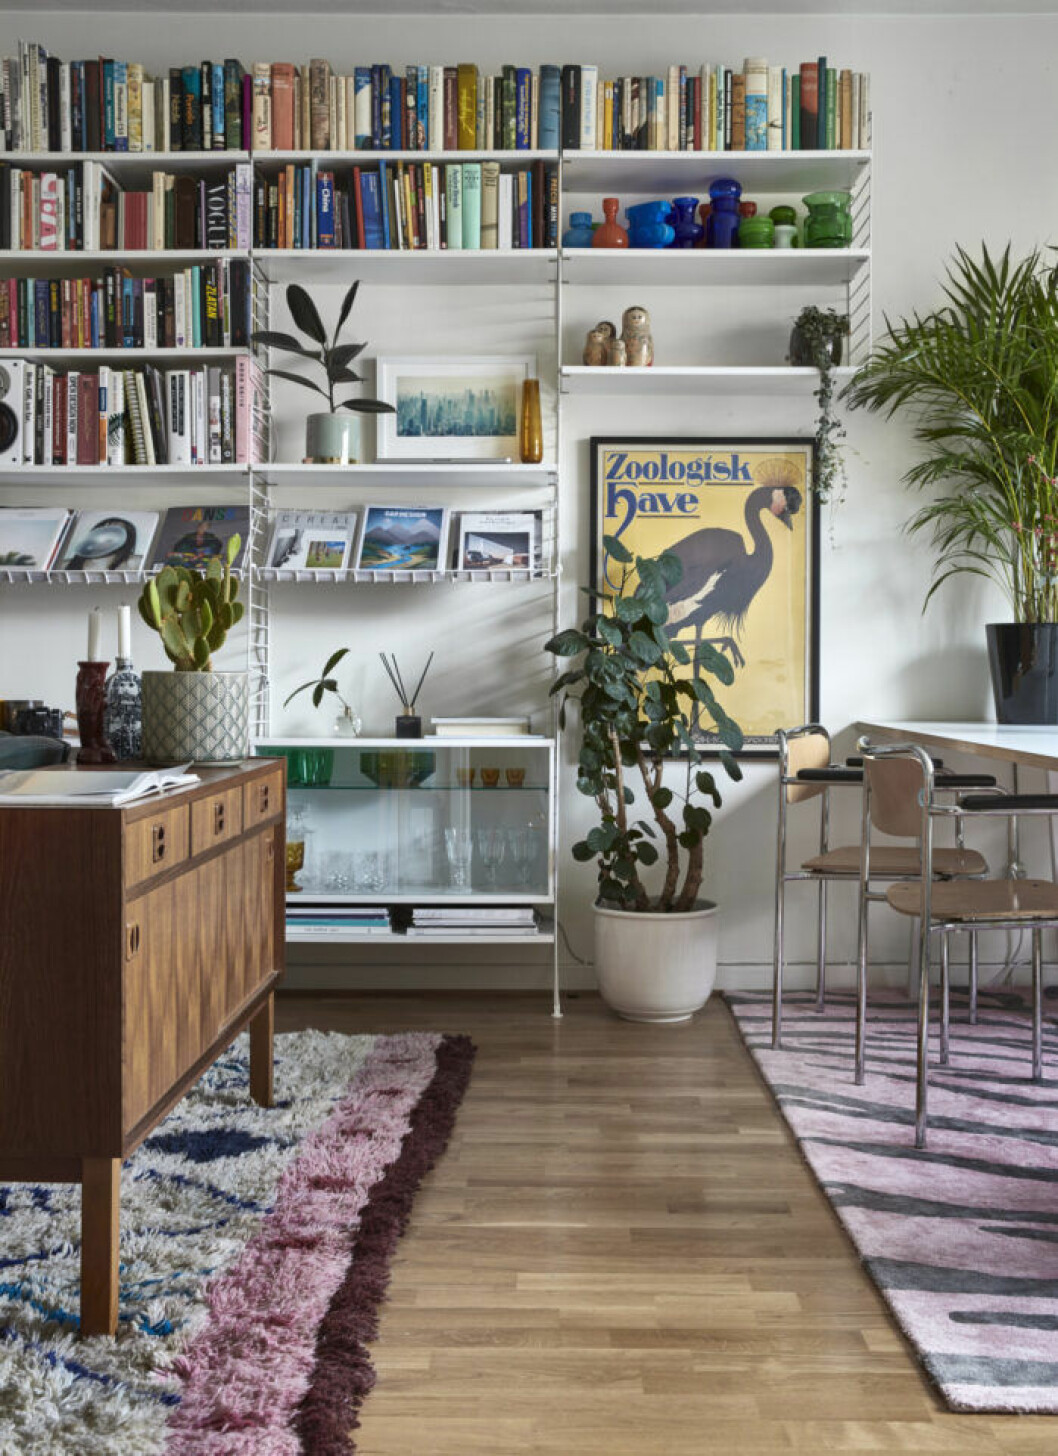 Stringbokhylla i vardagsrummet